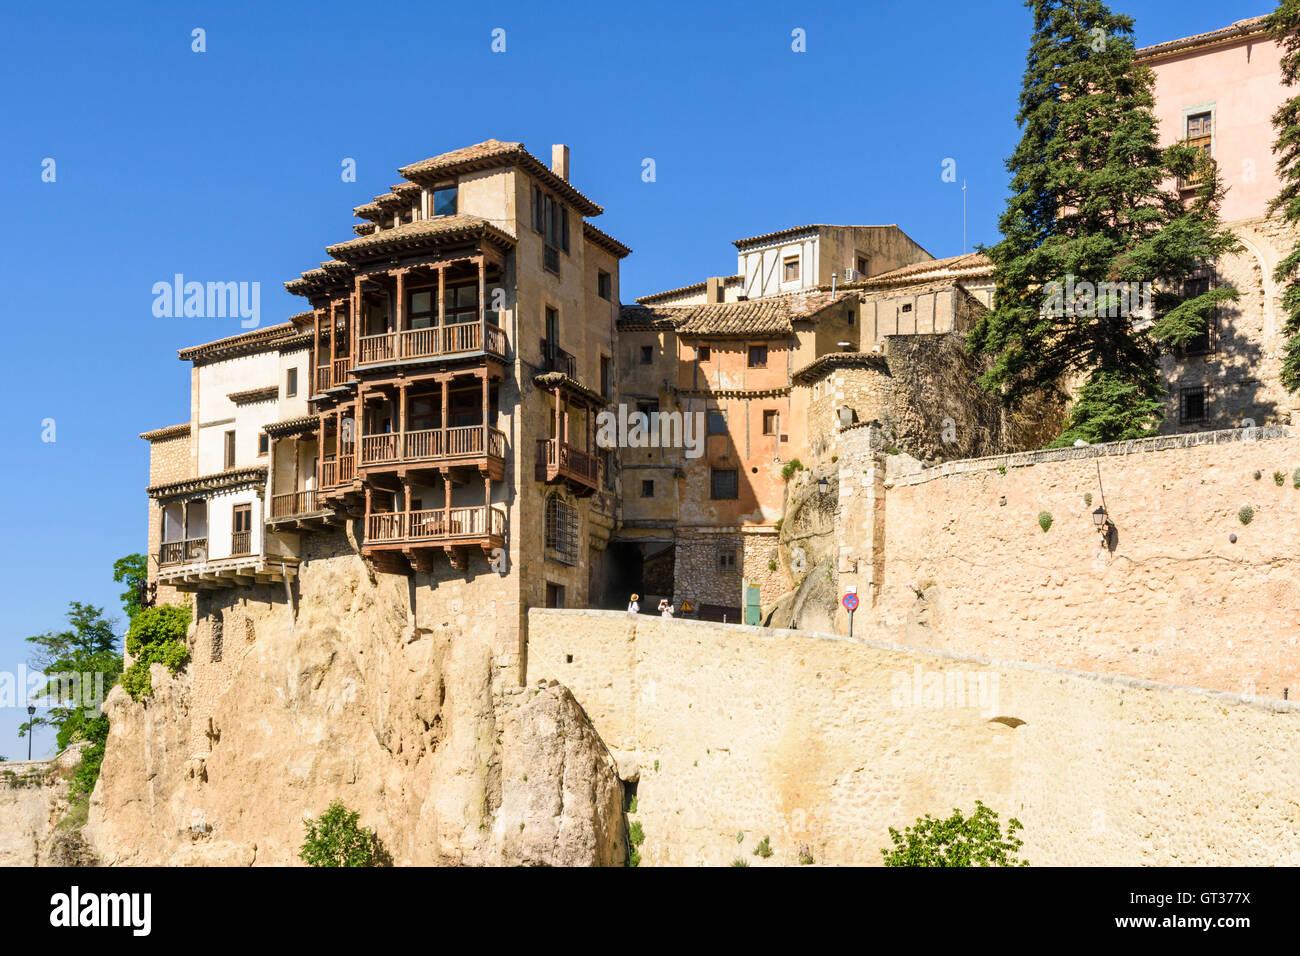 Les maisons suspendues de Cuenca surplombant le Huécar, Cuenca, Castilla La Mancha, Espagne Photo Stock